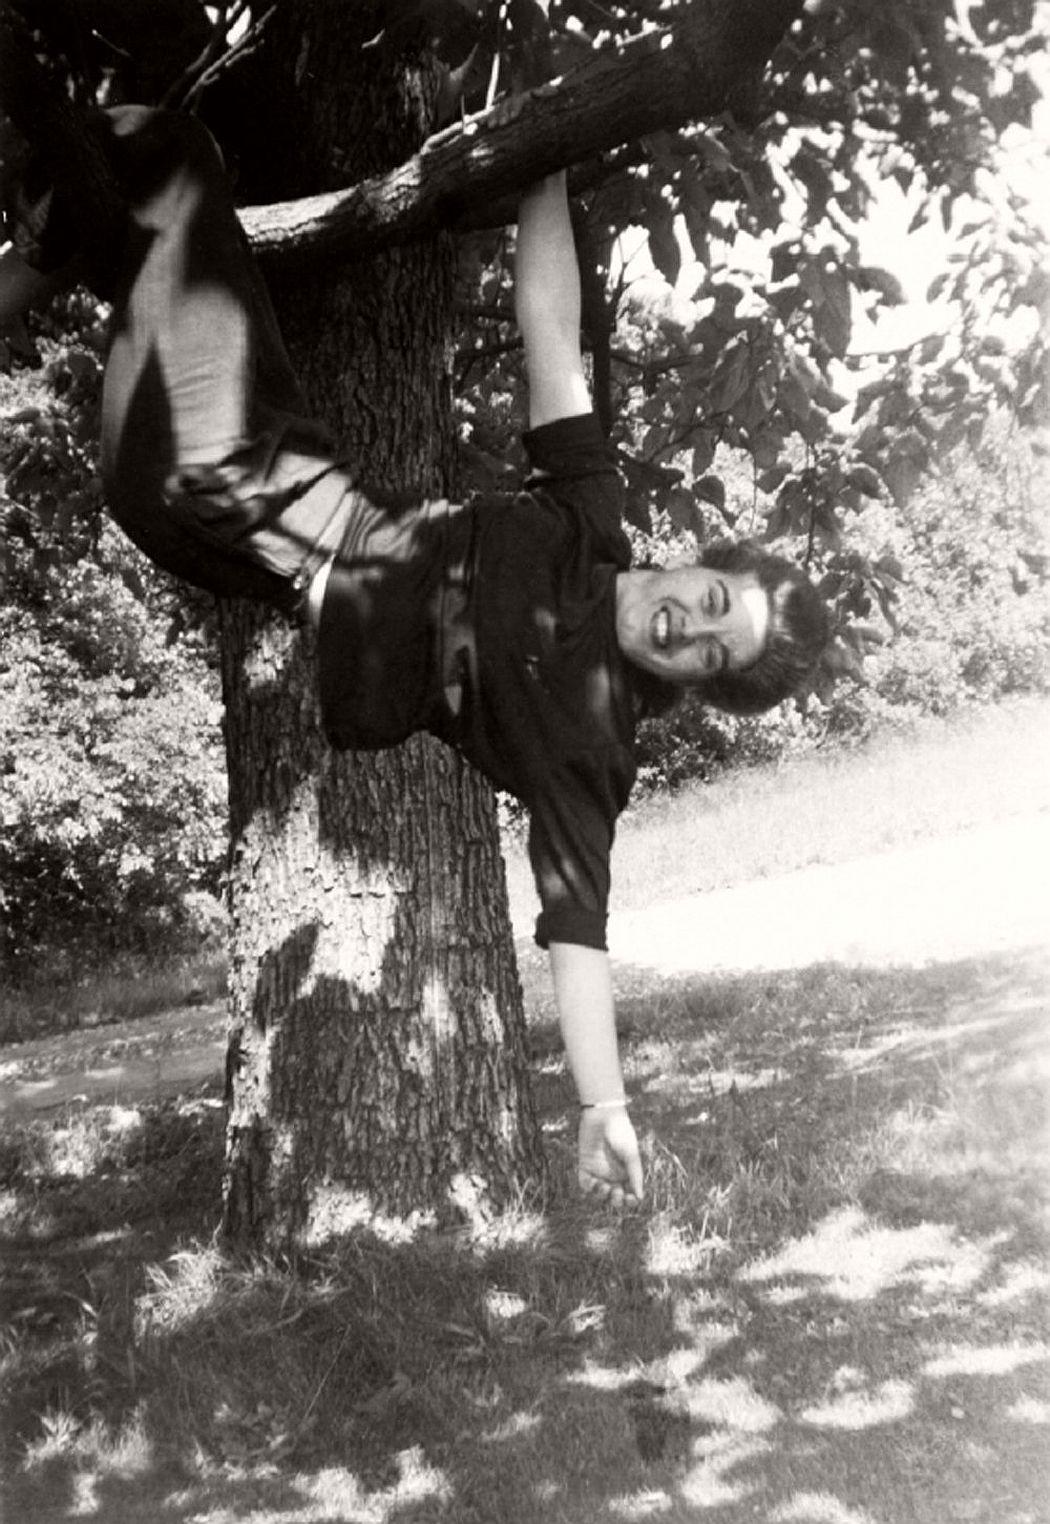 women-in-trees-hatje-cantz-02